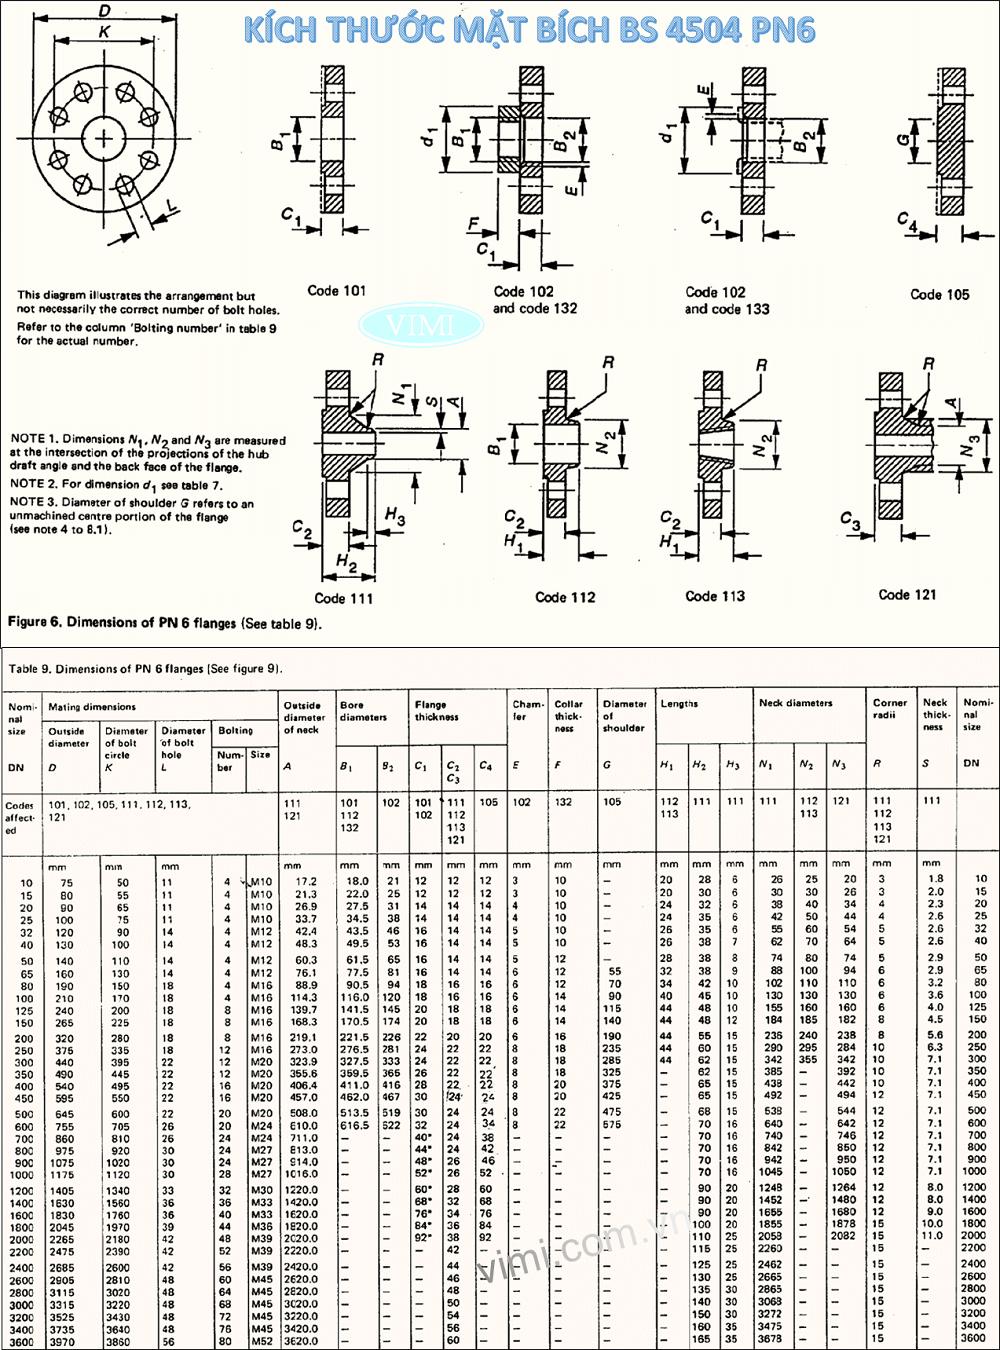 Bảng kích thước mặt bích BS4504 - PN6